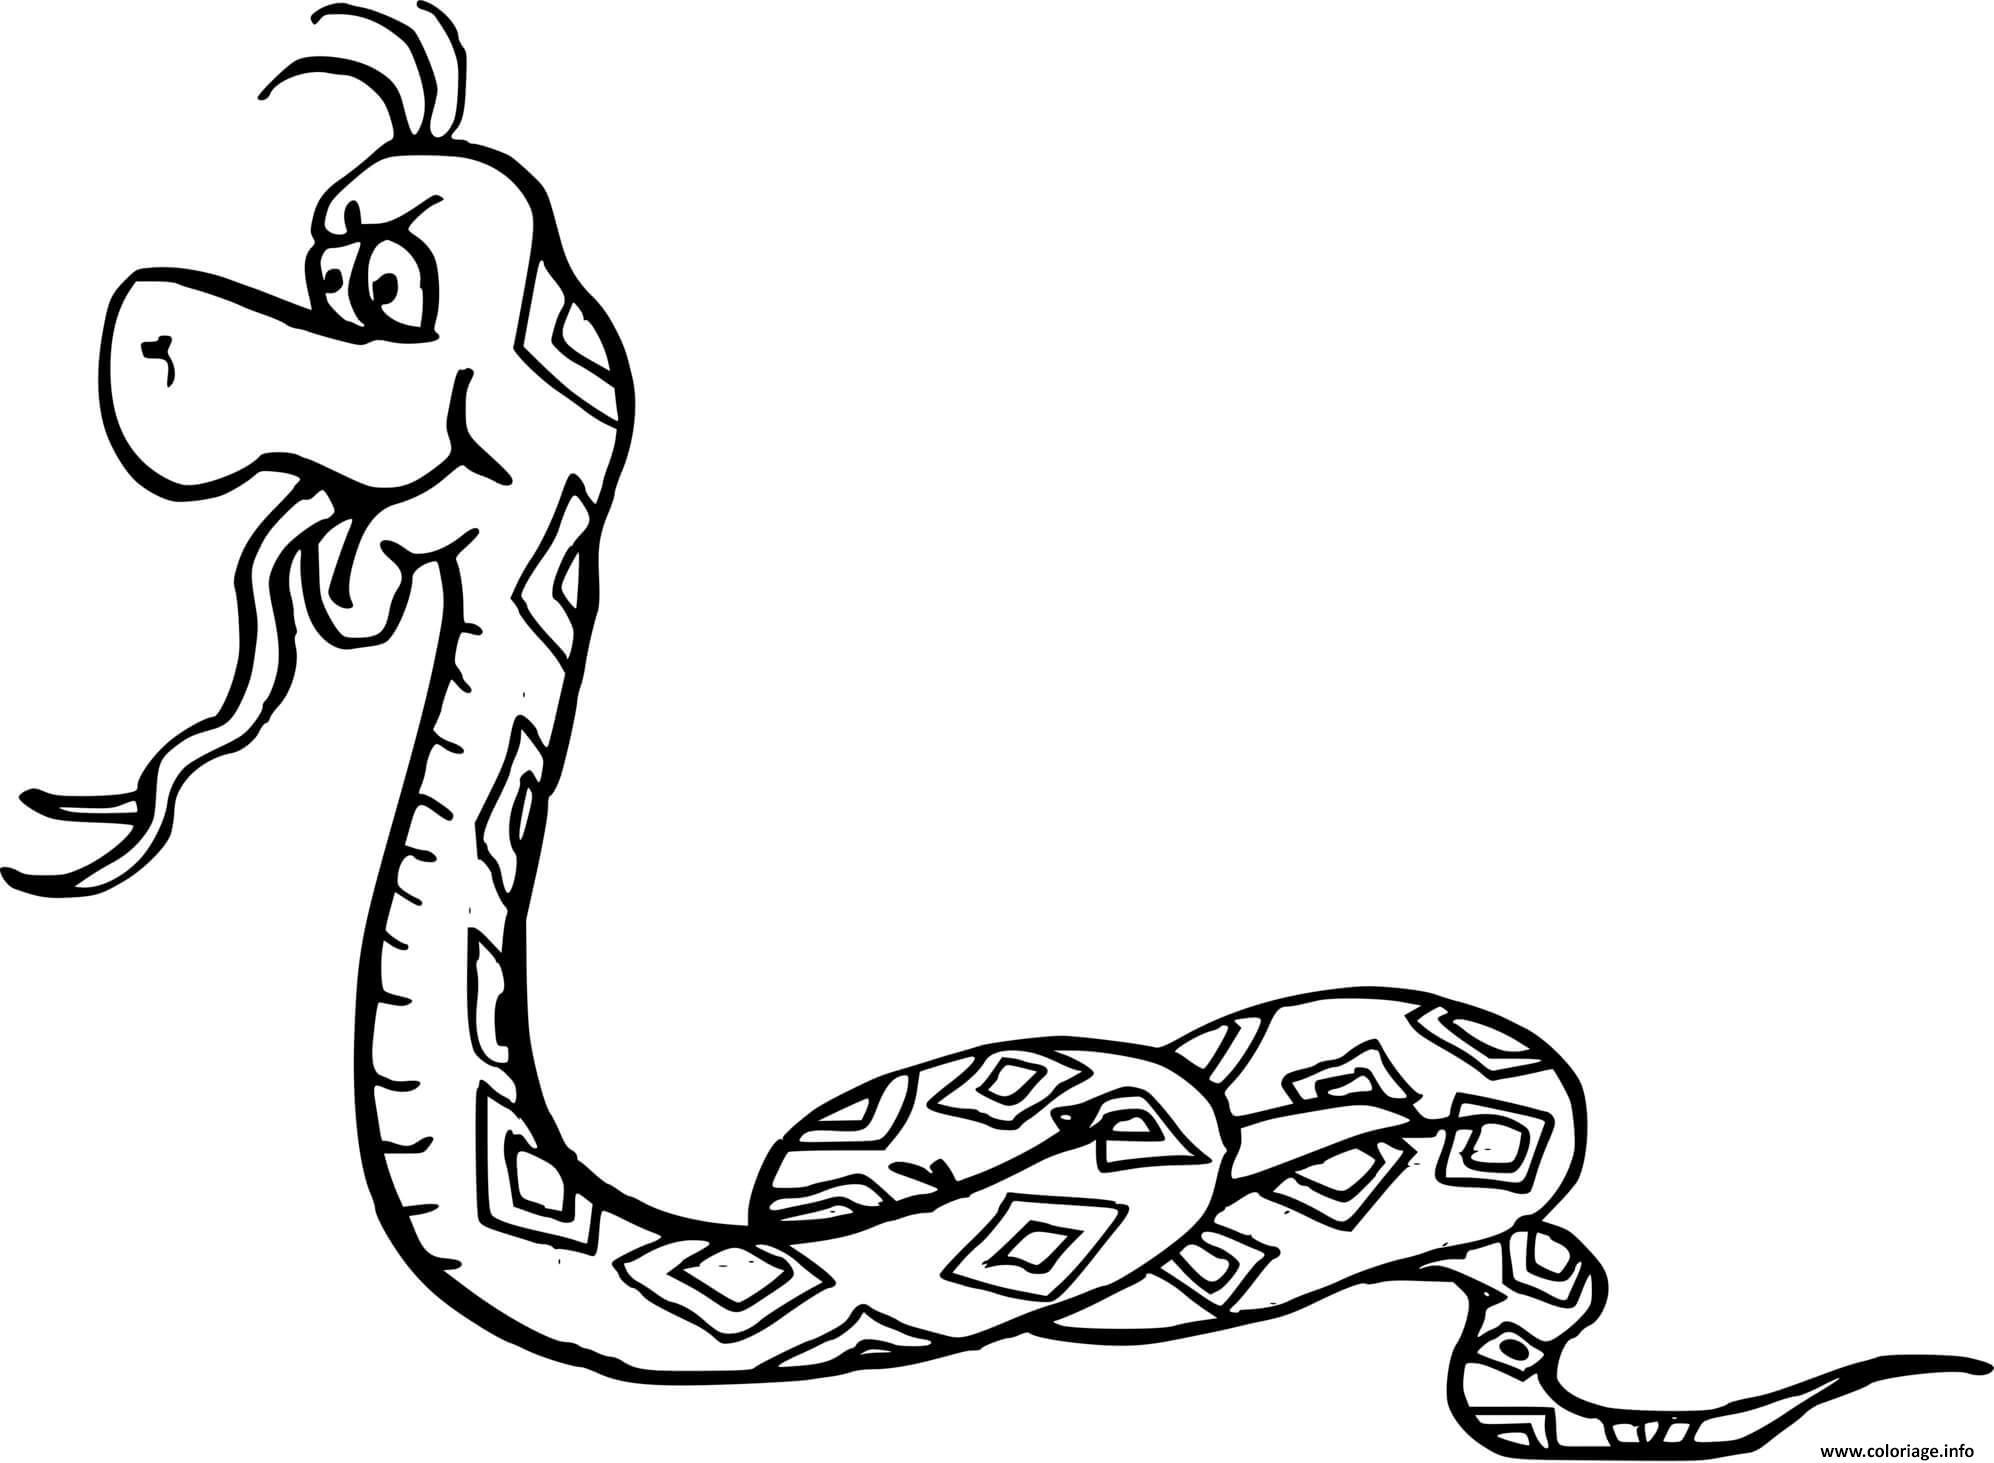 Dessin serpent tire la langue Coloriage Gratuit à Imprimer